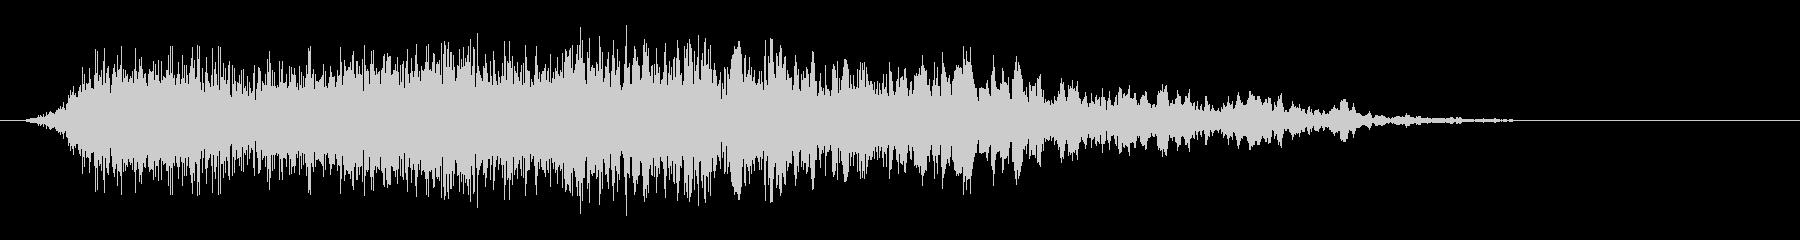 シュゥゥゥというエアー音の未再生の波形